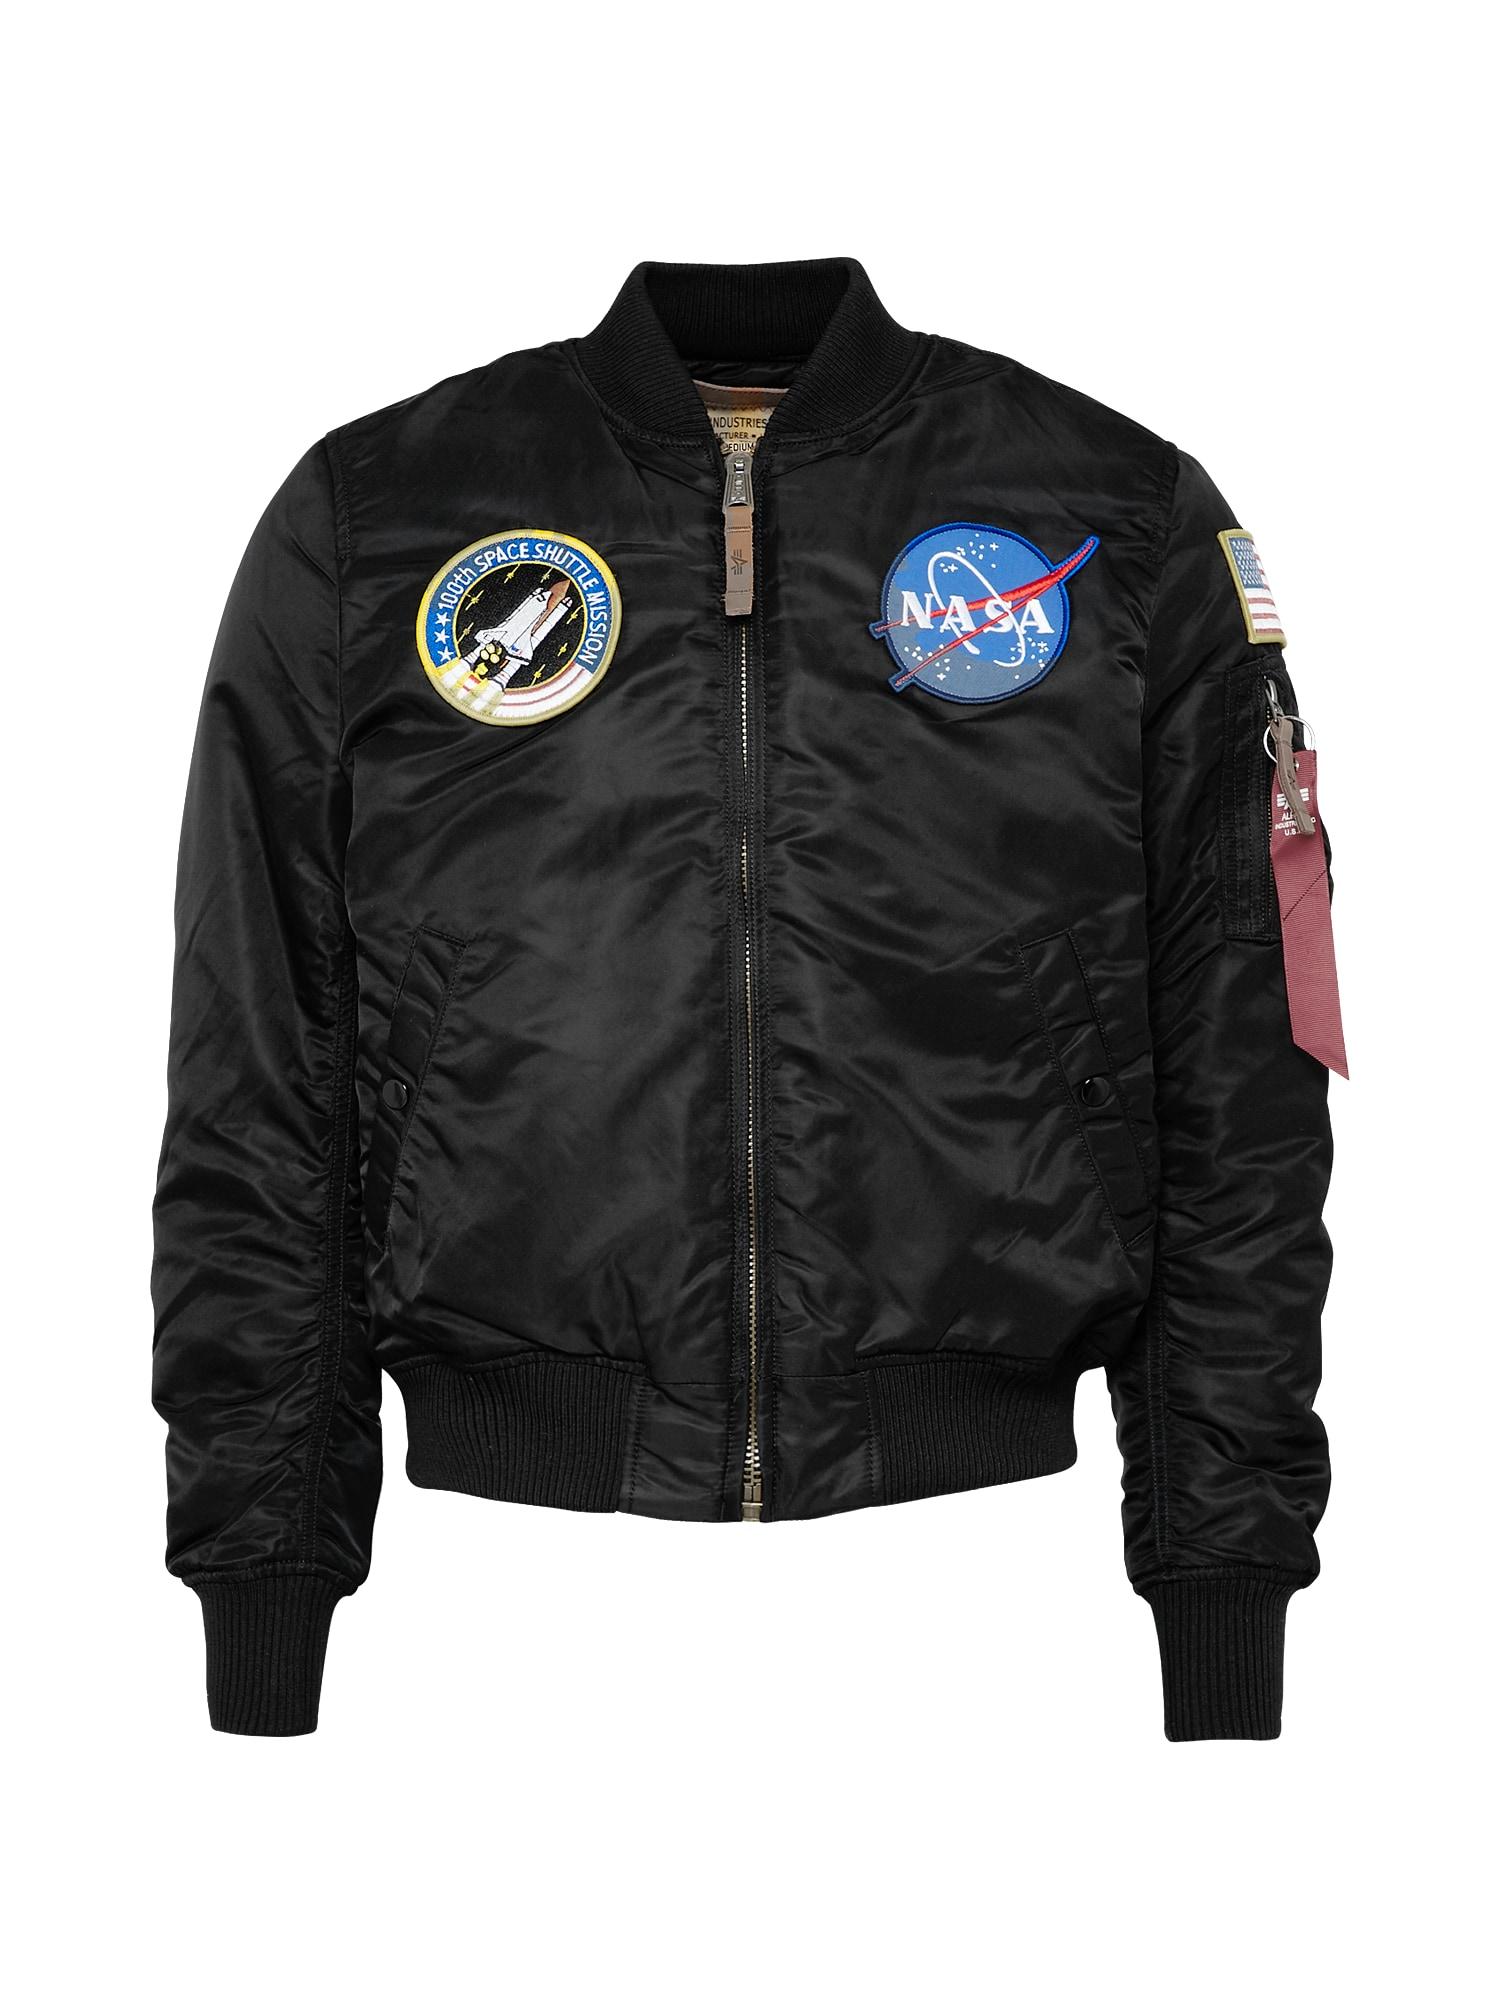 ALPHA INDUSTRIES Přechodná bunda 'MA-1 VF NASA'  černá